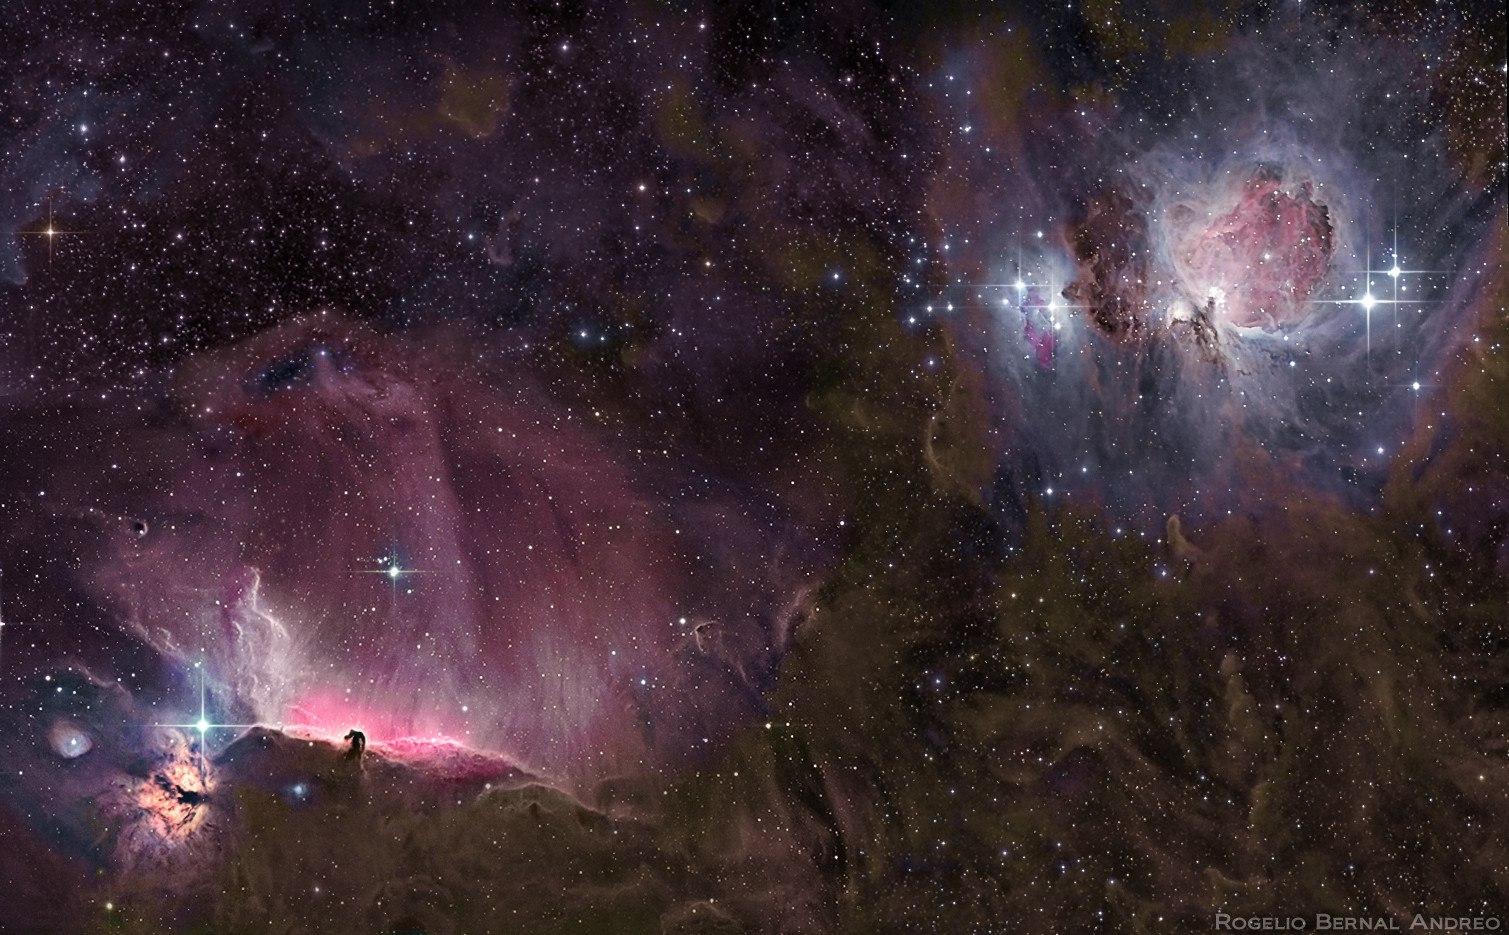 Космическая пыль и туманности в поясе Ориона